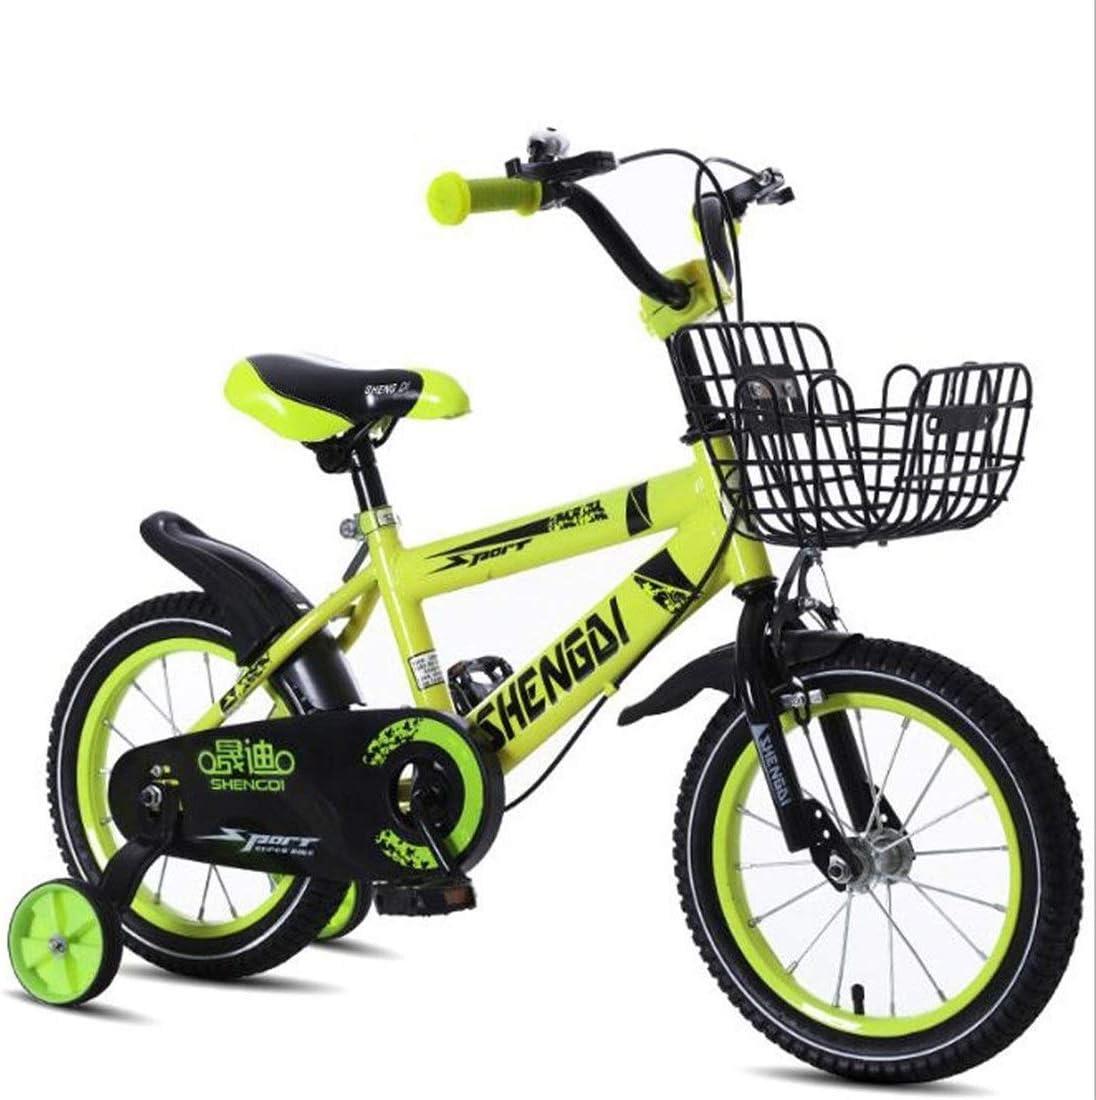 Bicicleta de Montaña, Bicicleta Niños, niño bici de la vespa ...